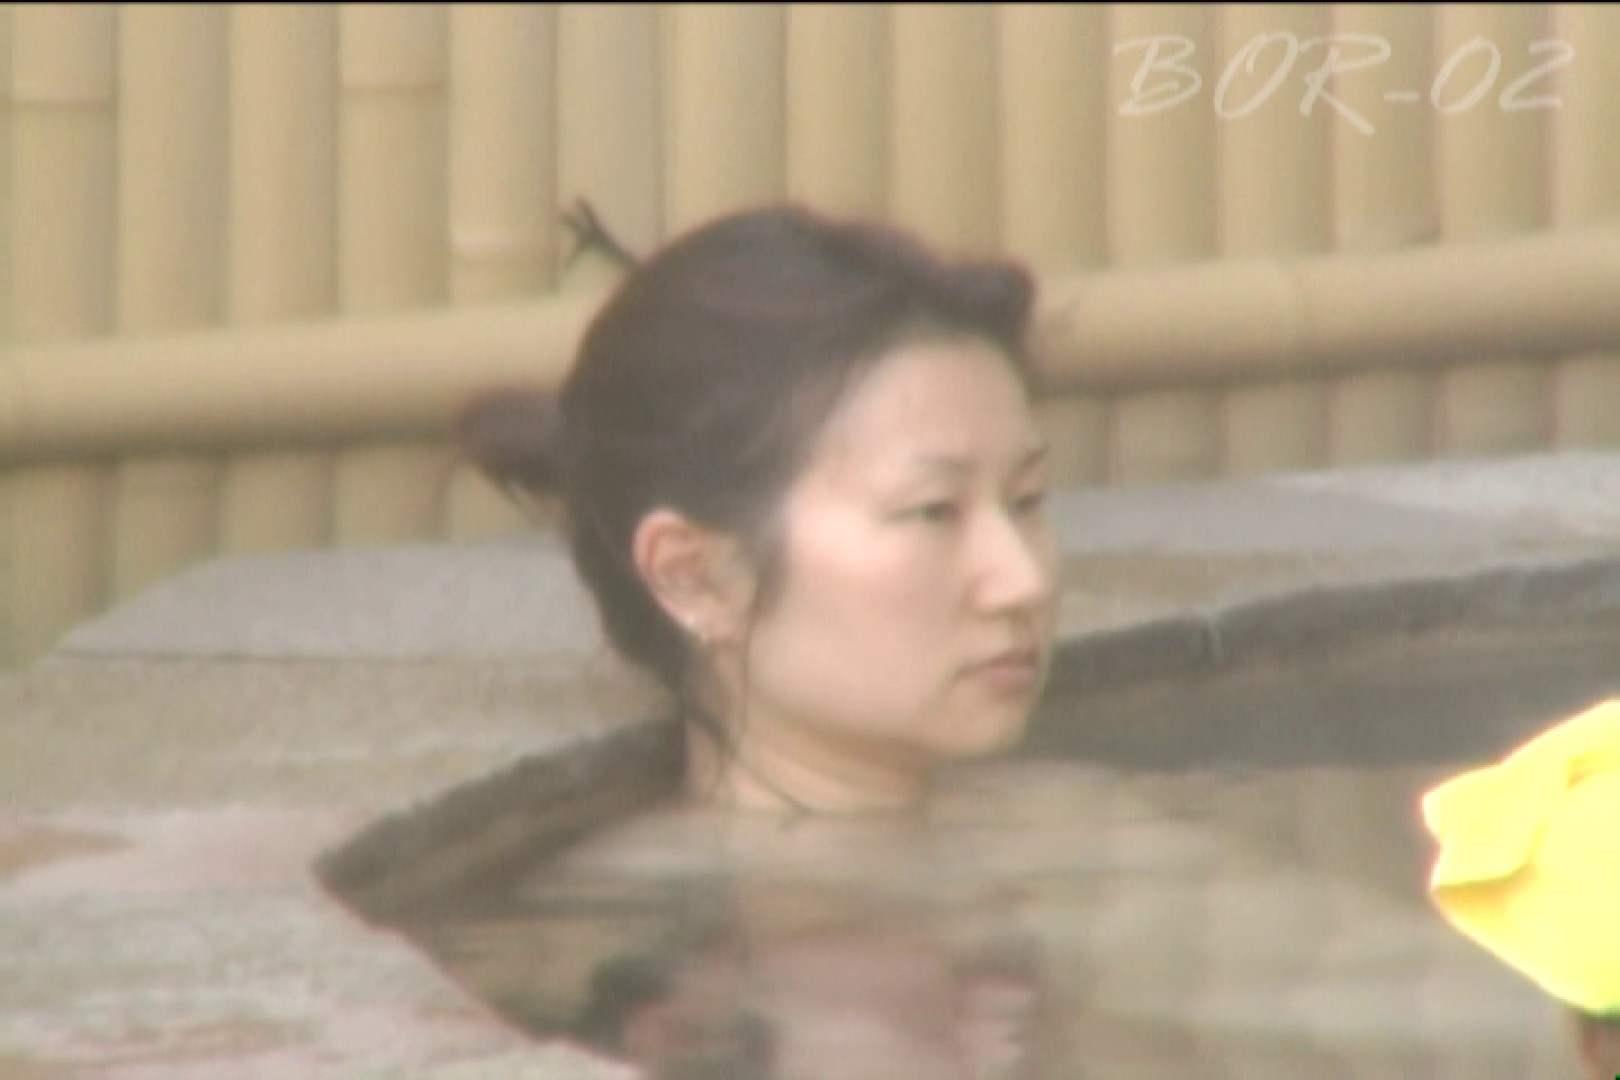 Aquaな露天風呂Vol.477 盗撮  99PICs 69